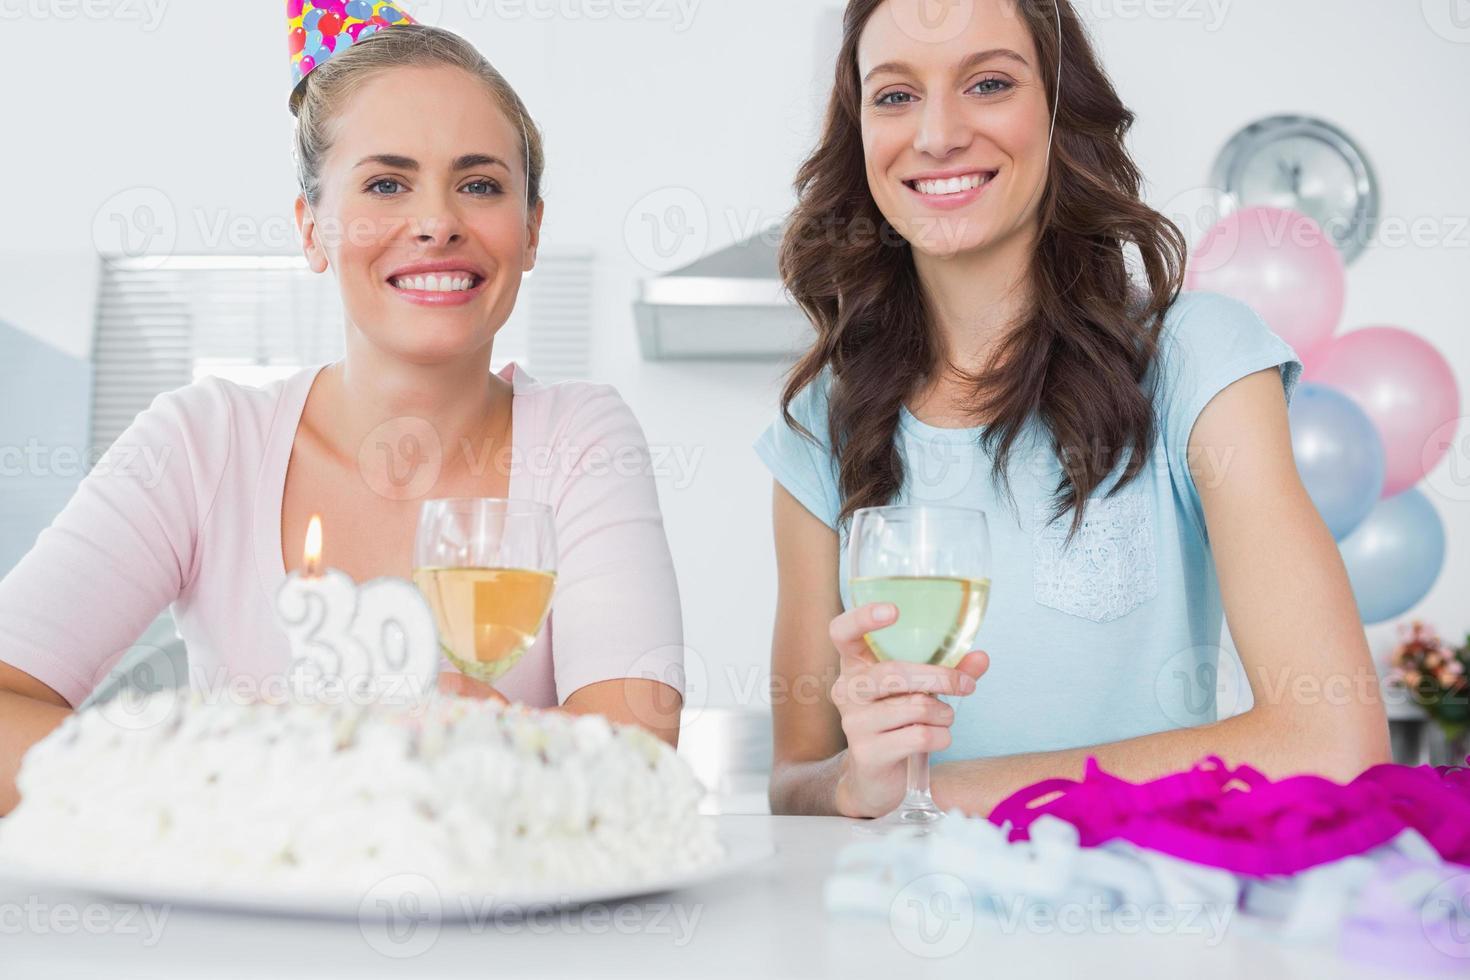 fröhliche Frauen mit Geburtstagstorte foto